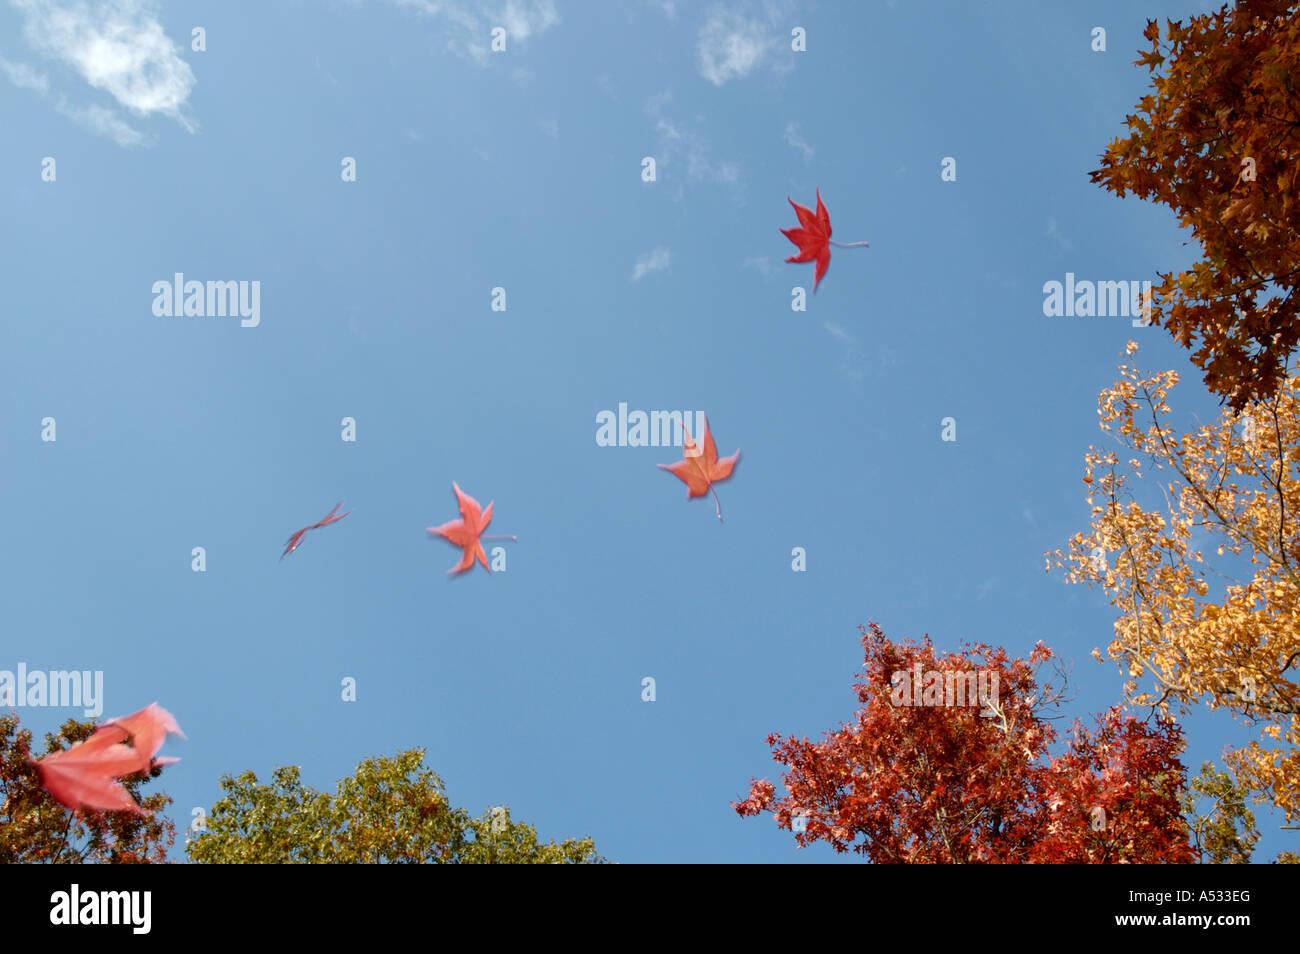 Ahorn Blätter fallen vor einem blauen Herbsthimmel Stockbild